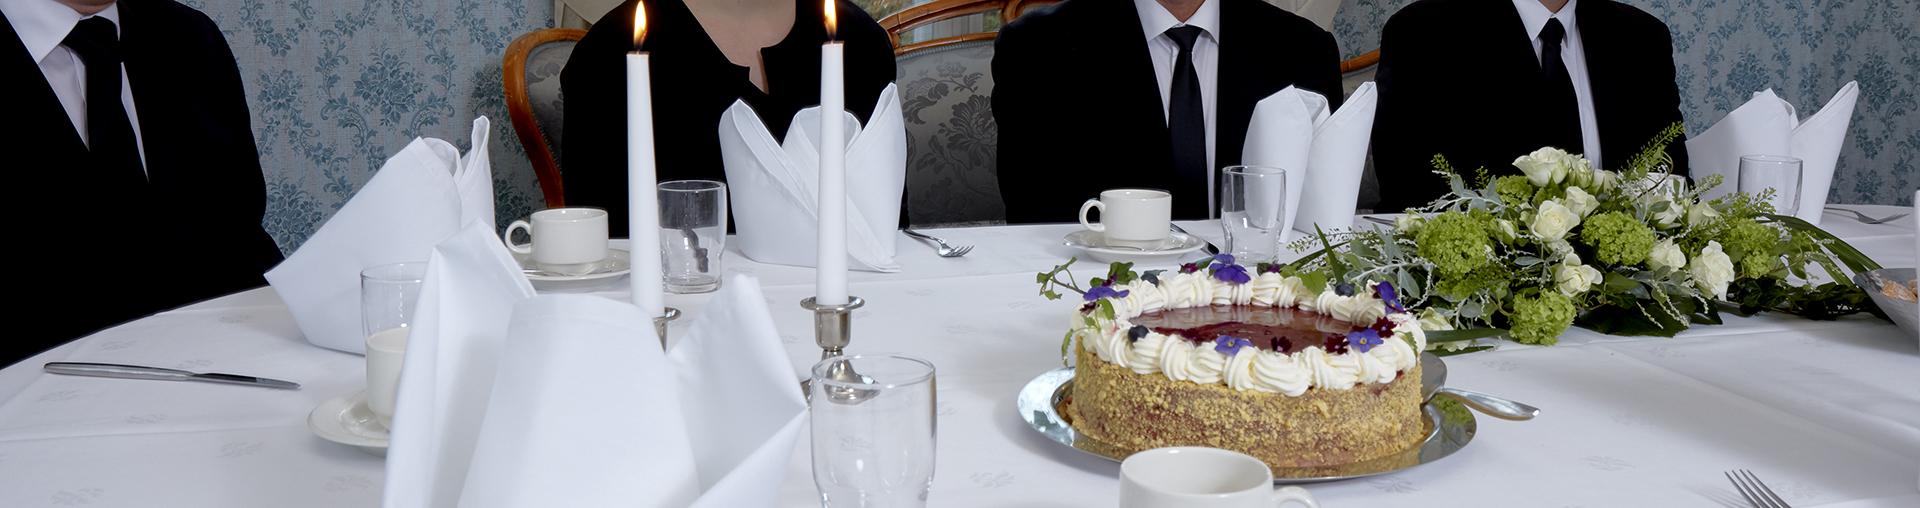 Juhlapöytä hautajaisissa.